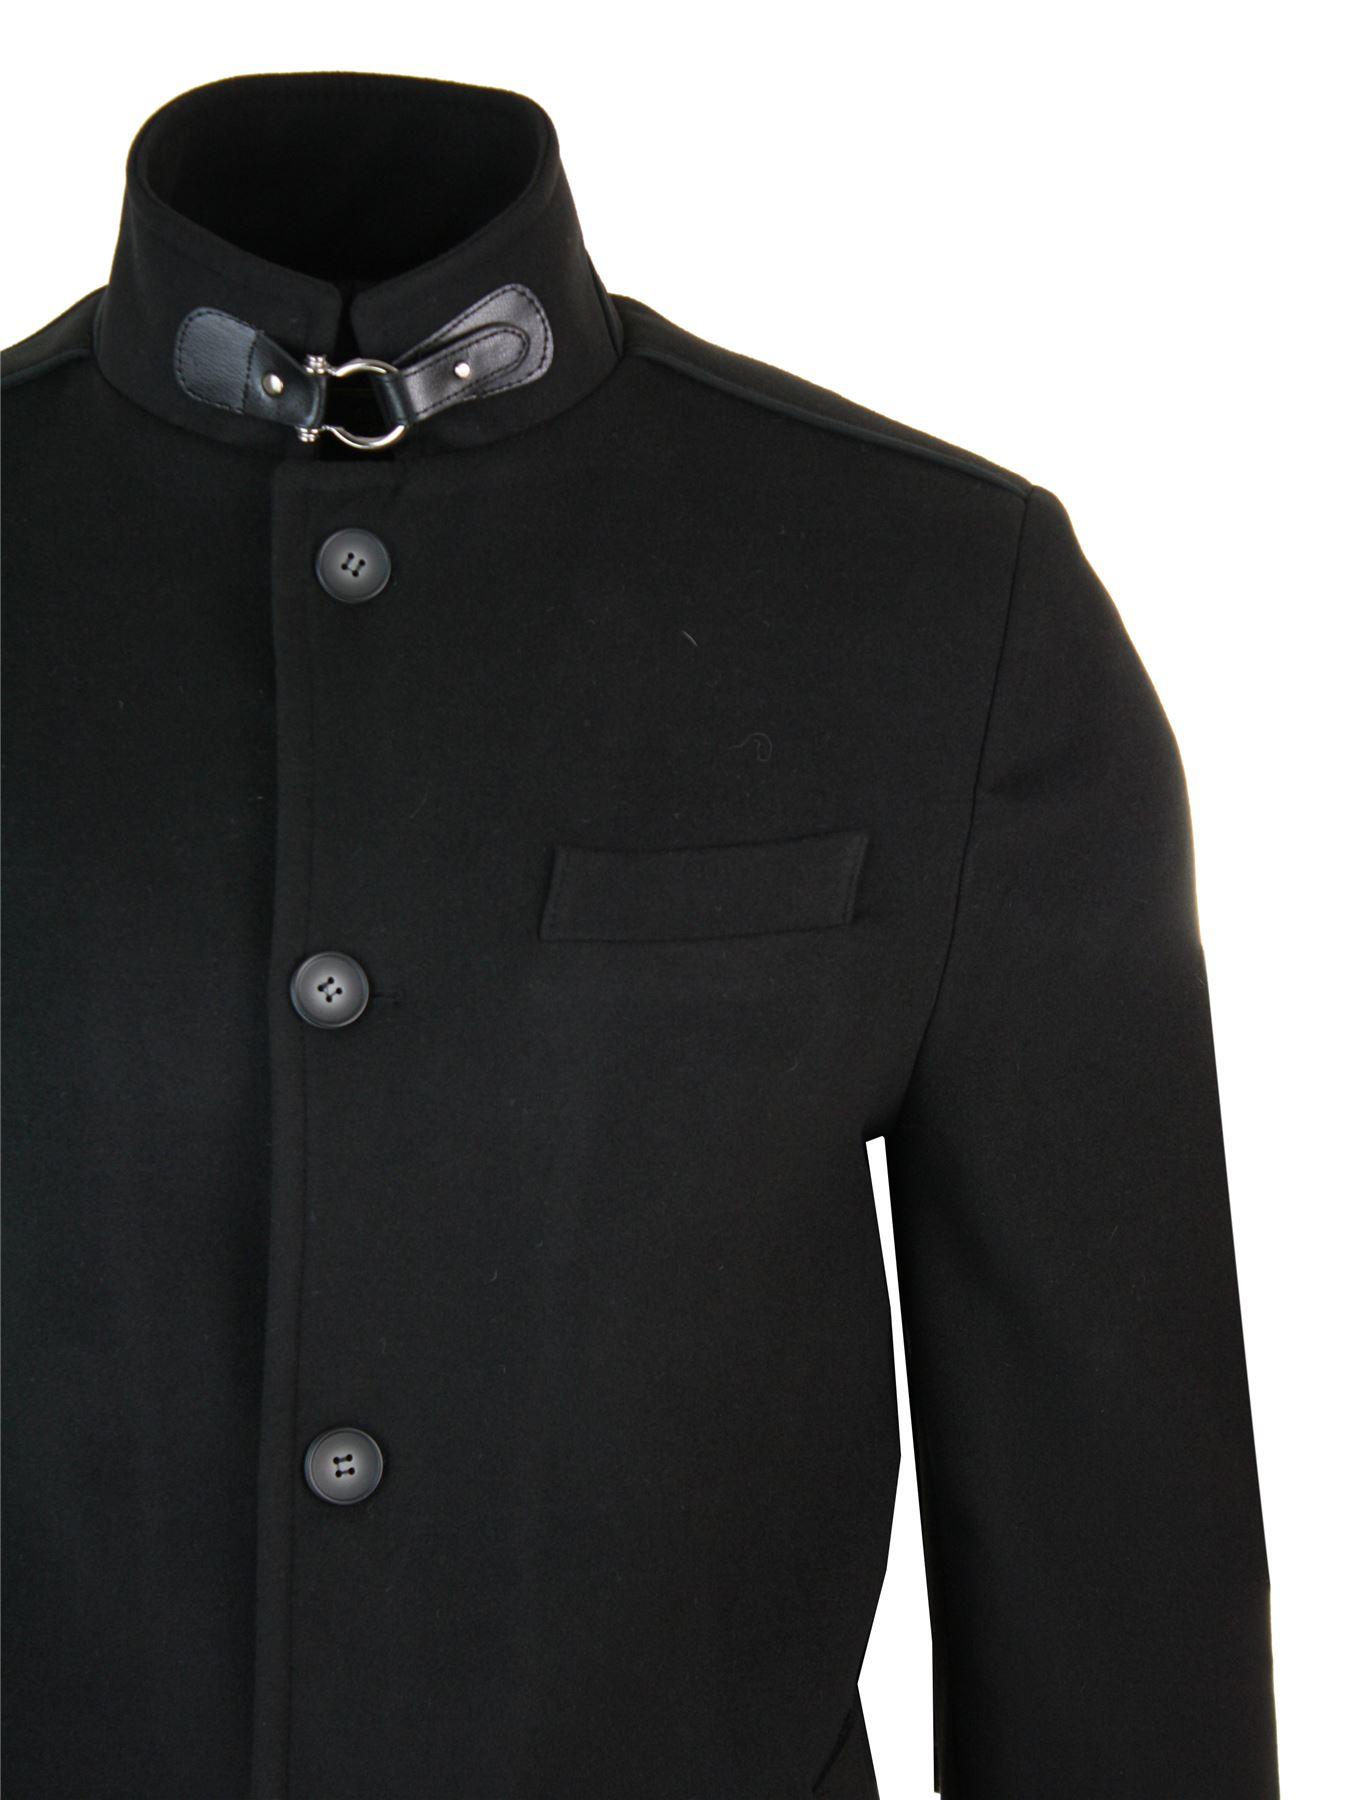 Veste longue manteau 34 col Mao montant décontracté chic